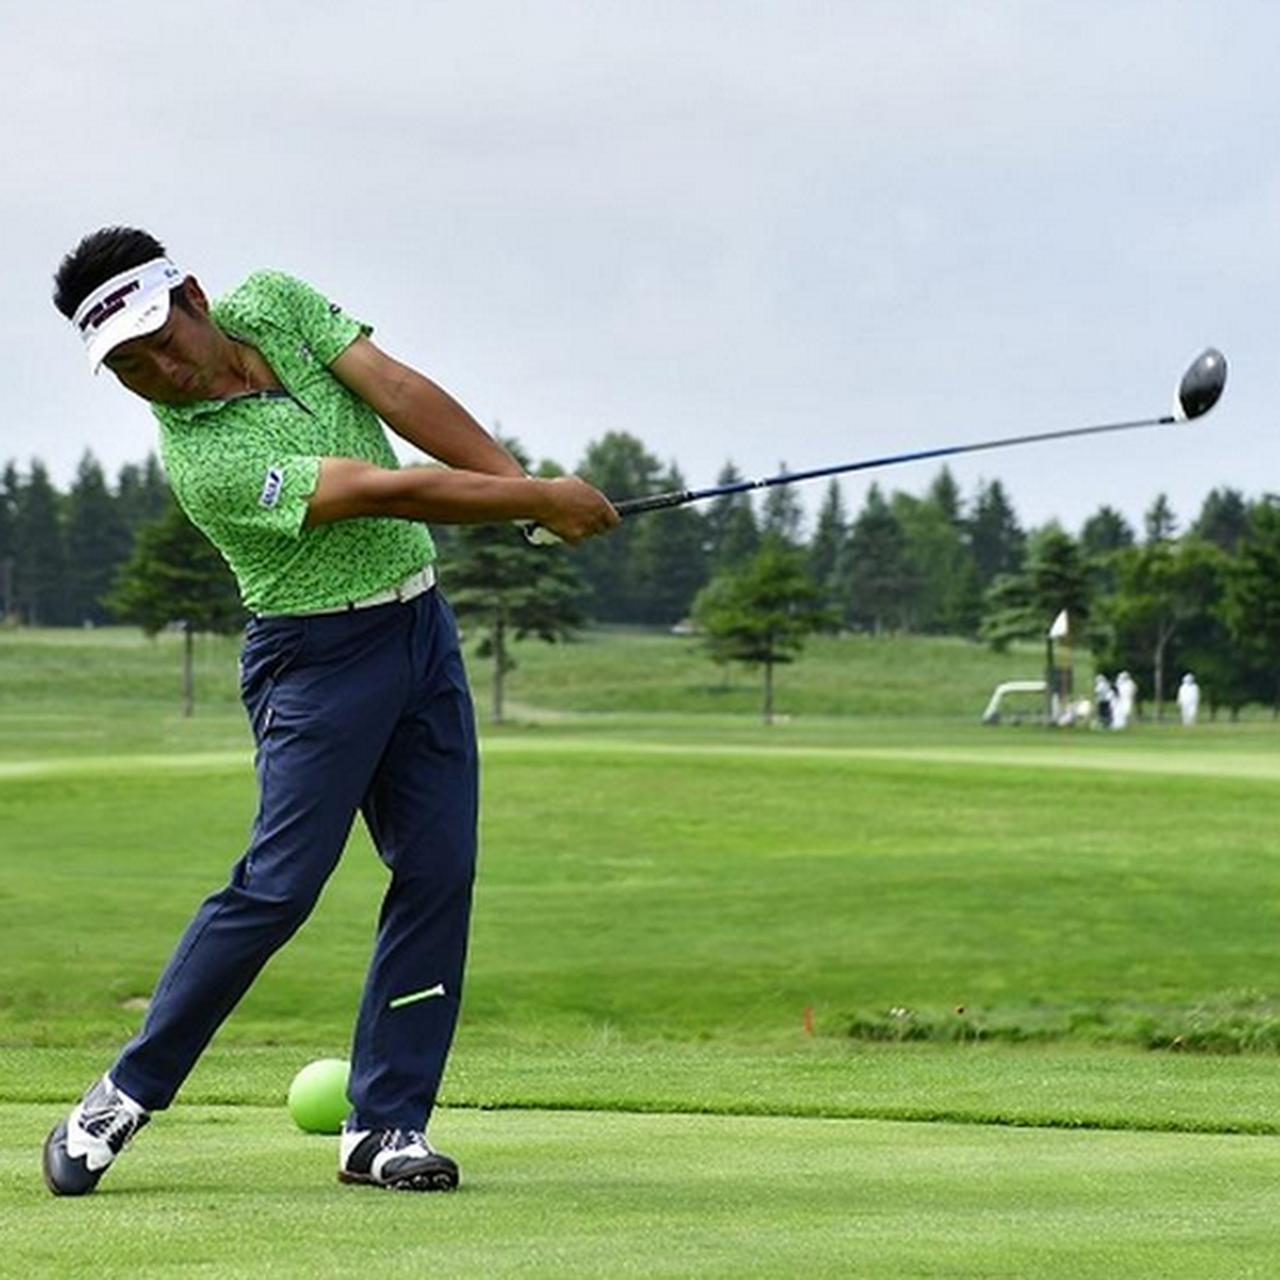 """画像: 平均飛距離300Y超! 昨年から20Y伸ばした池田勇太の""""デカフォロー""""【勝者のスウィング】 - みんなのゴルフダイジェスト"""